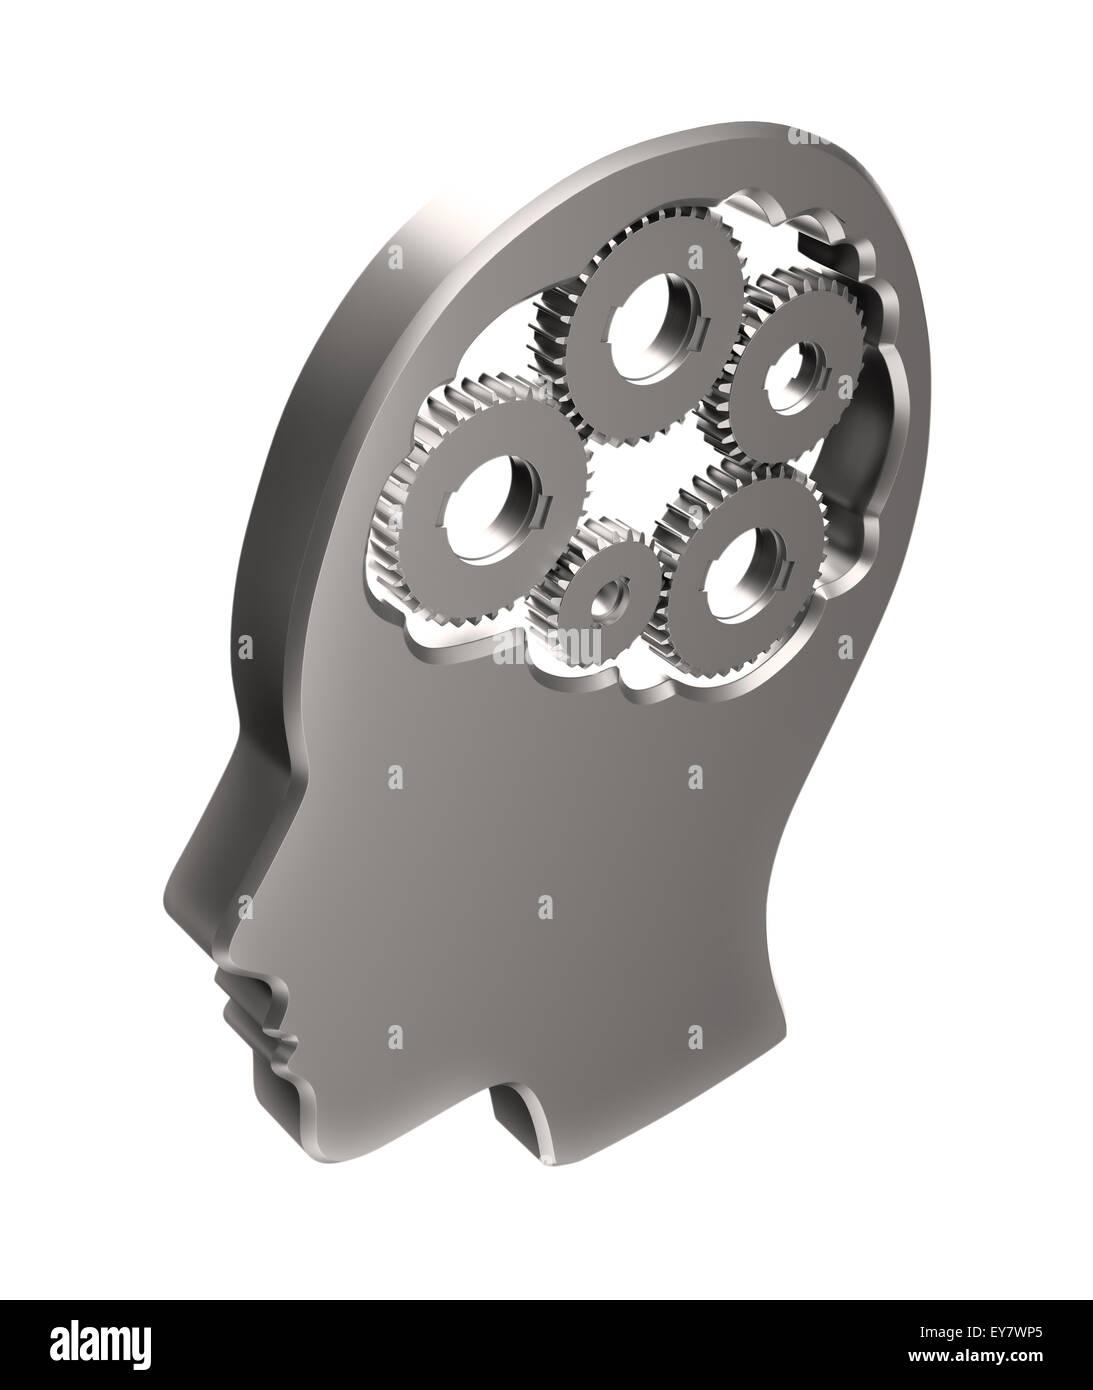 Zahnräder innerhalb einer menschlichen Kopf Outline - Gedächtnis und kognitive Funktionen Konzept illustration Stockbild